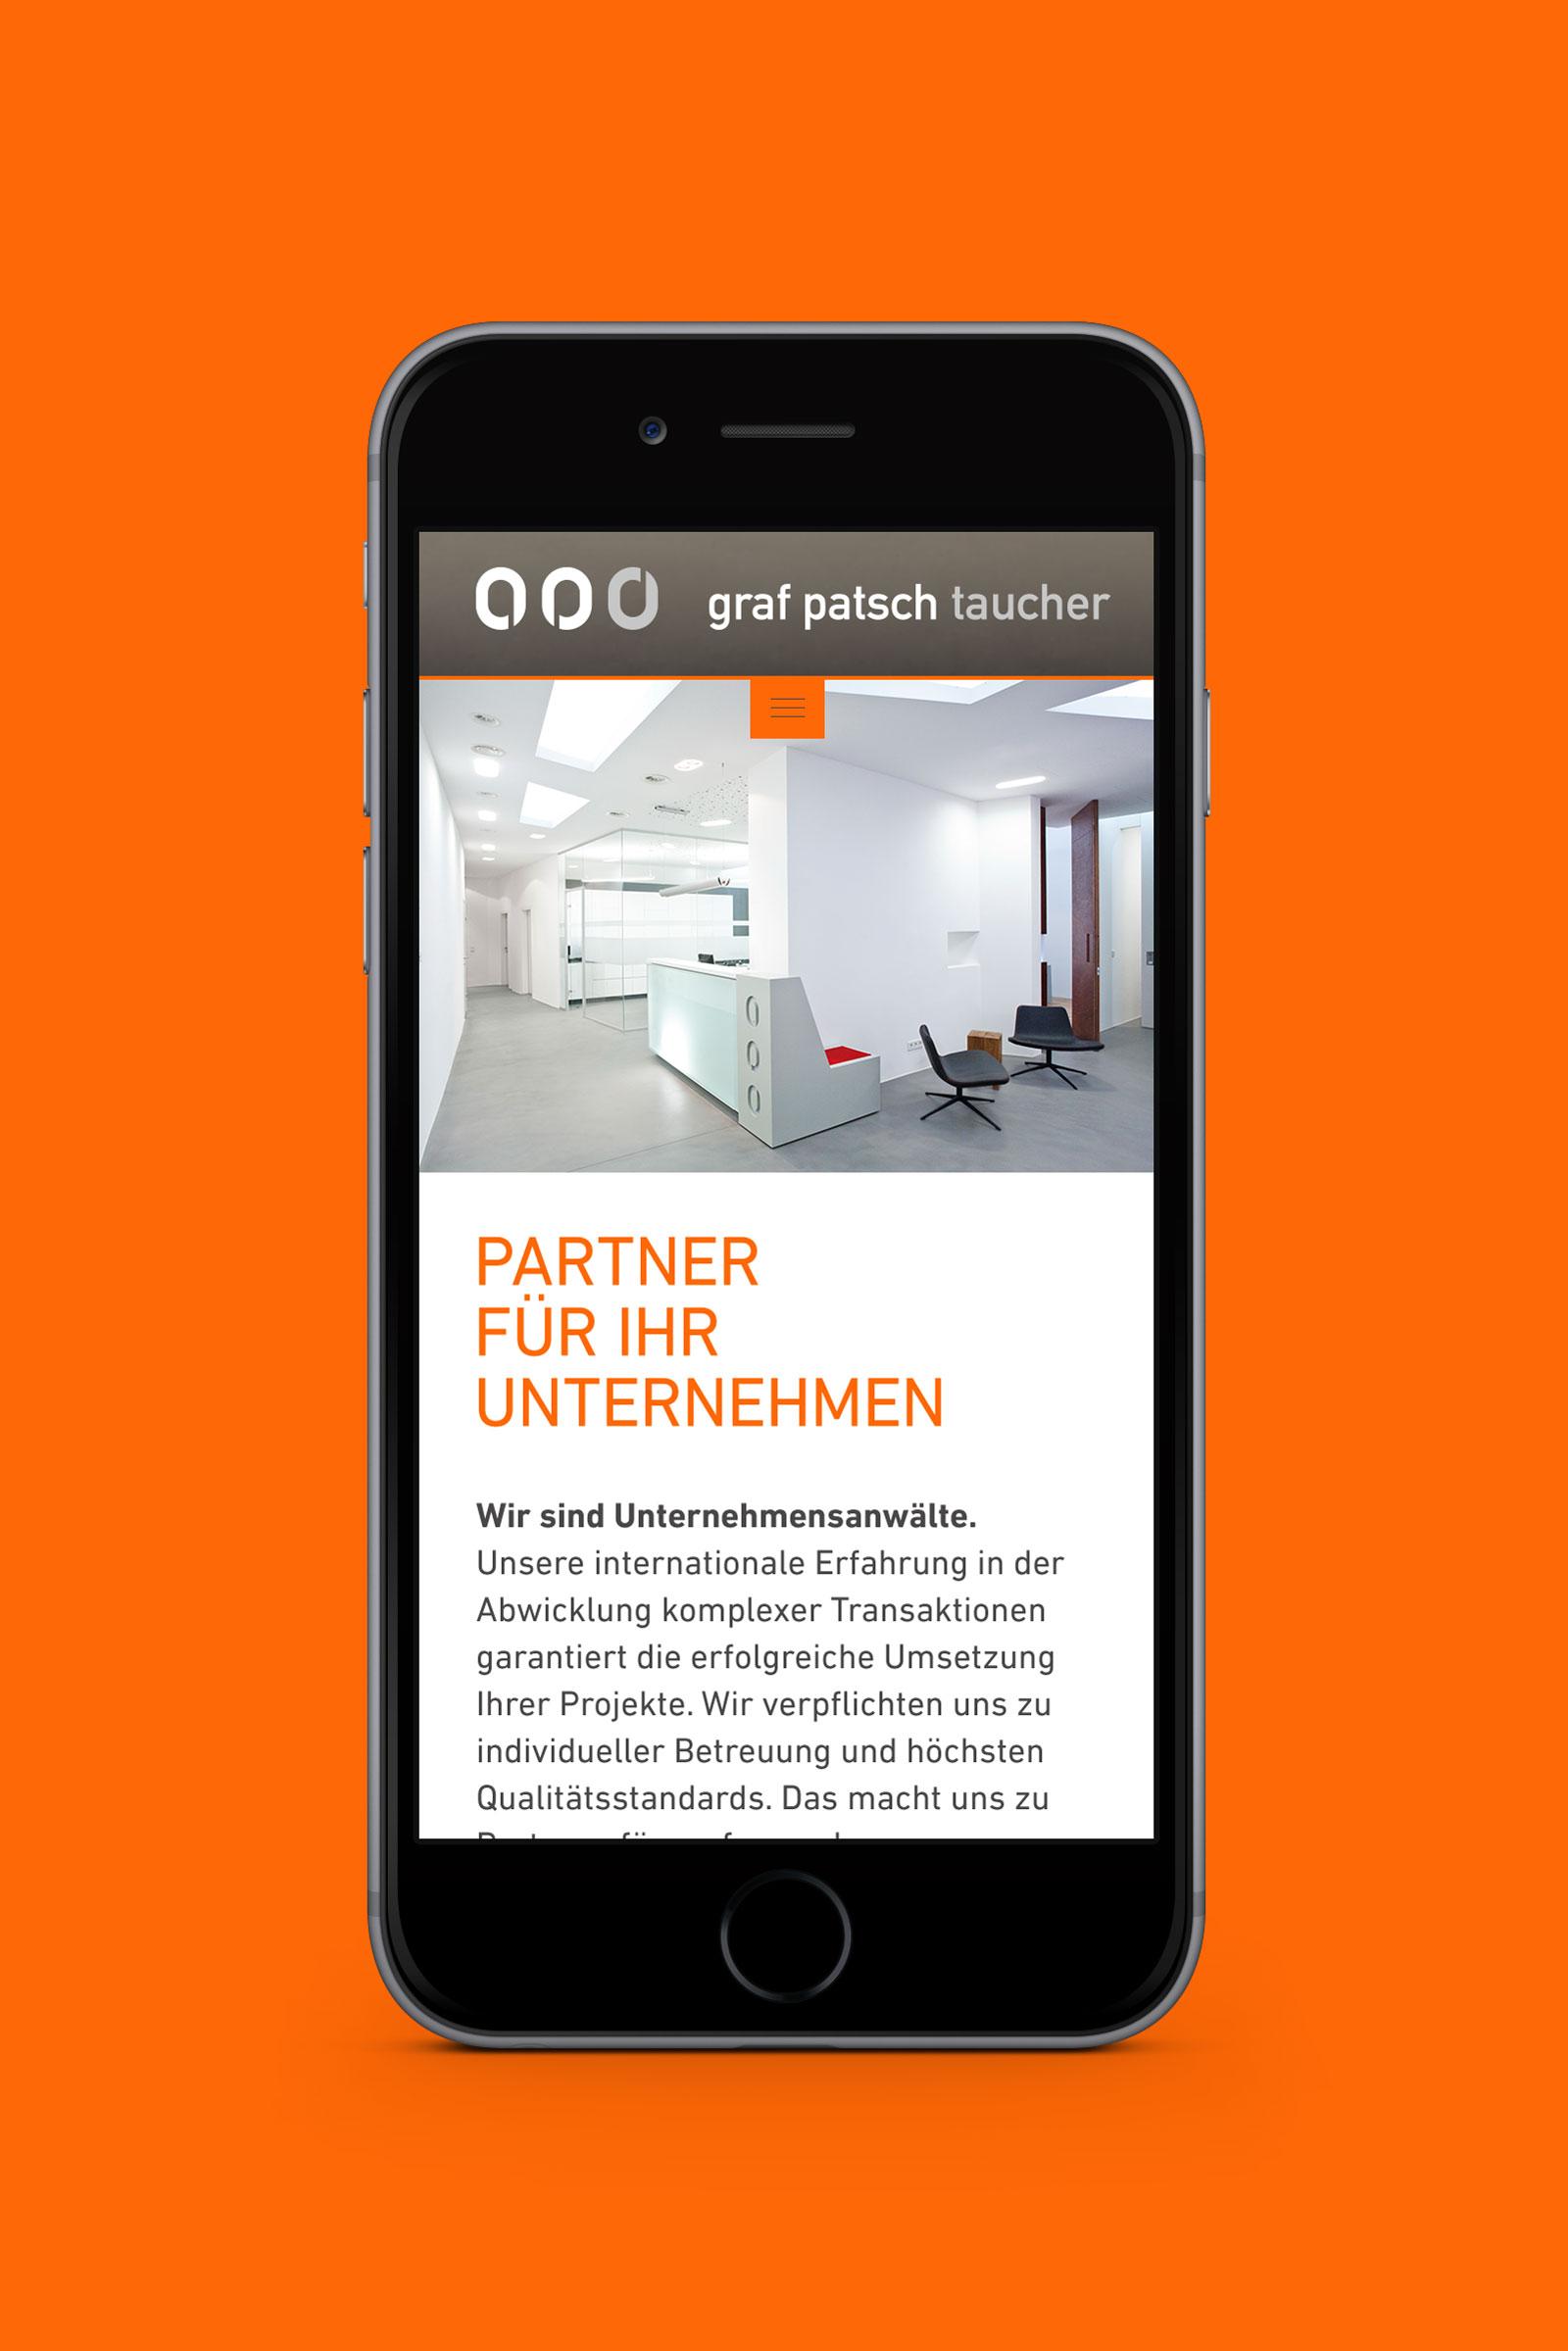 Graf Patsch Taucher Rechtsanwaelte I Phone 1